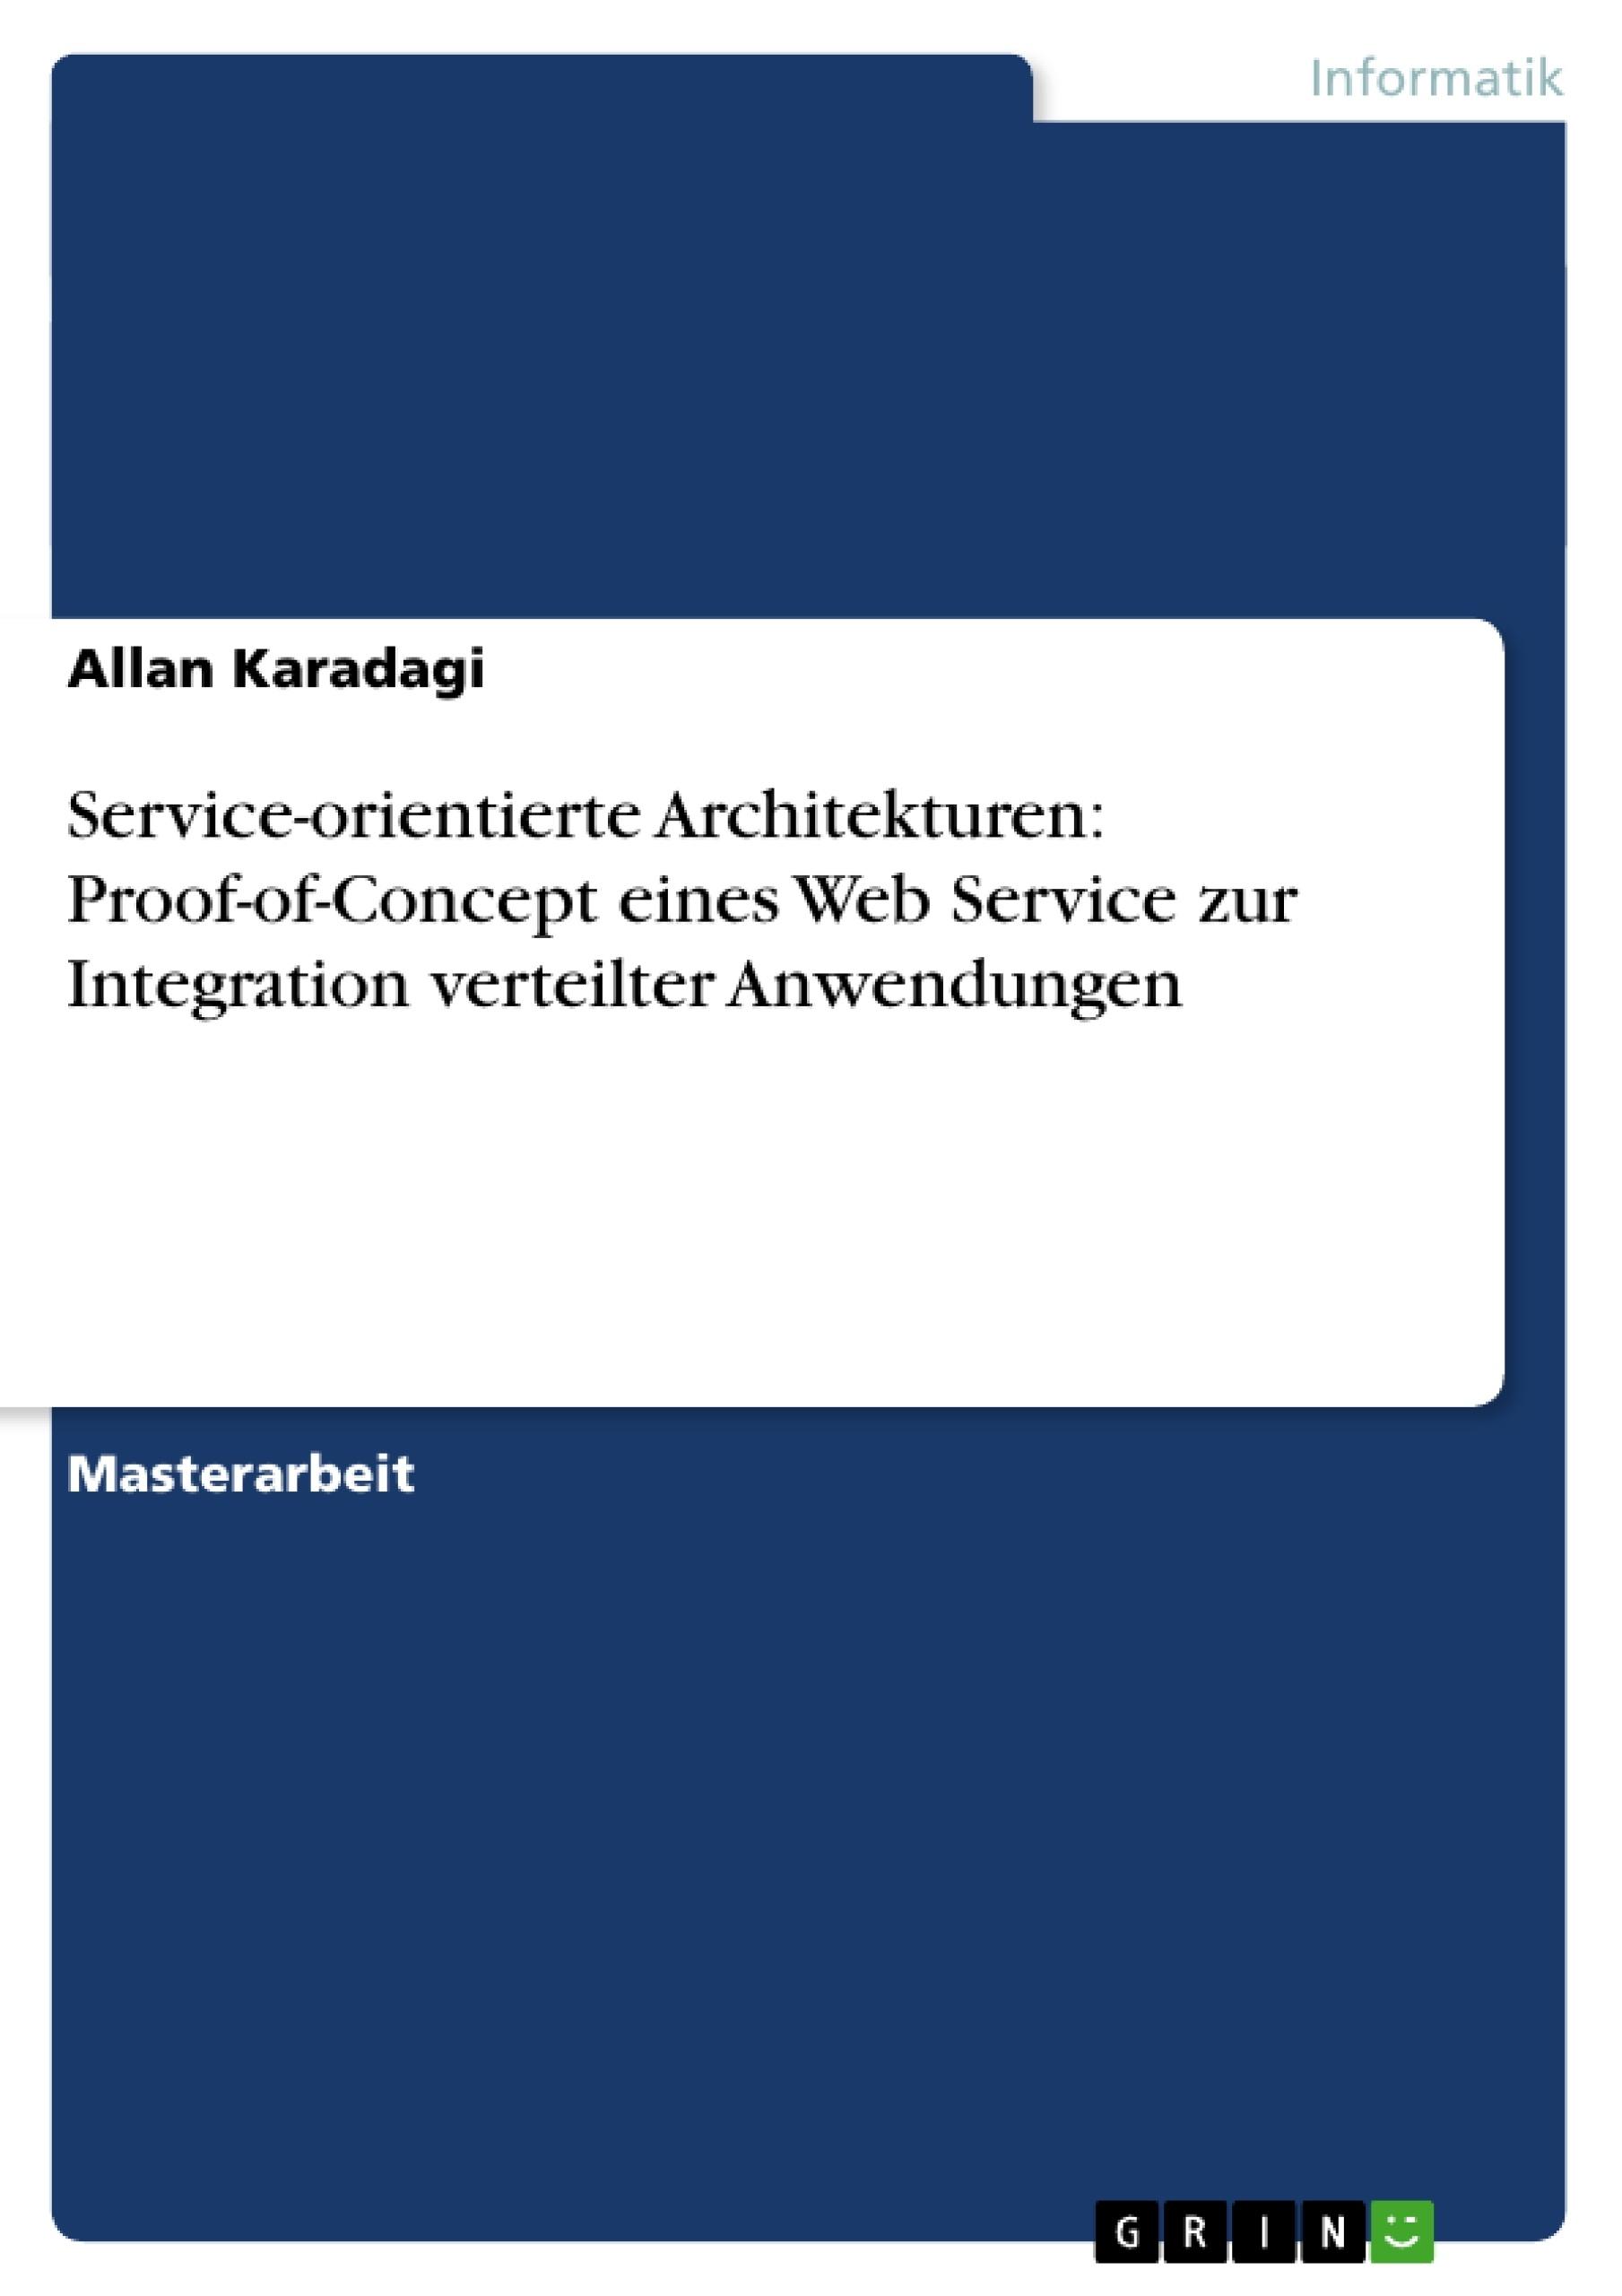 Titel: Service-orientierte Architekturen: Proof-of-Concept eines Web Service zur Integration verteilter Anwendungen